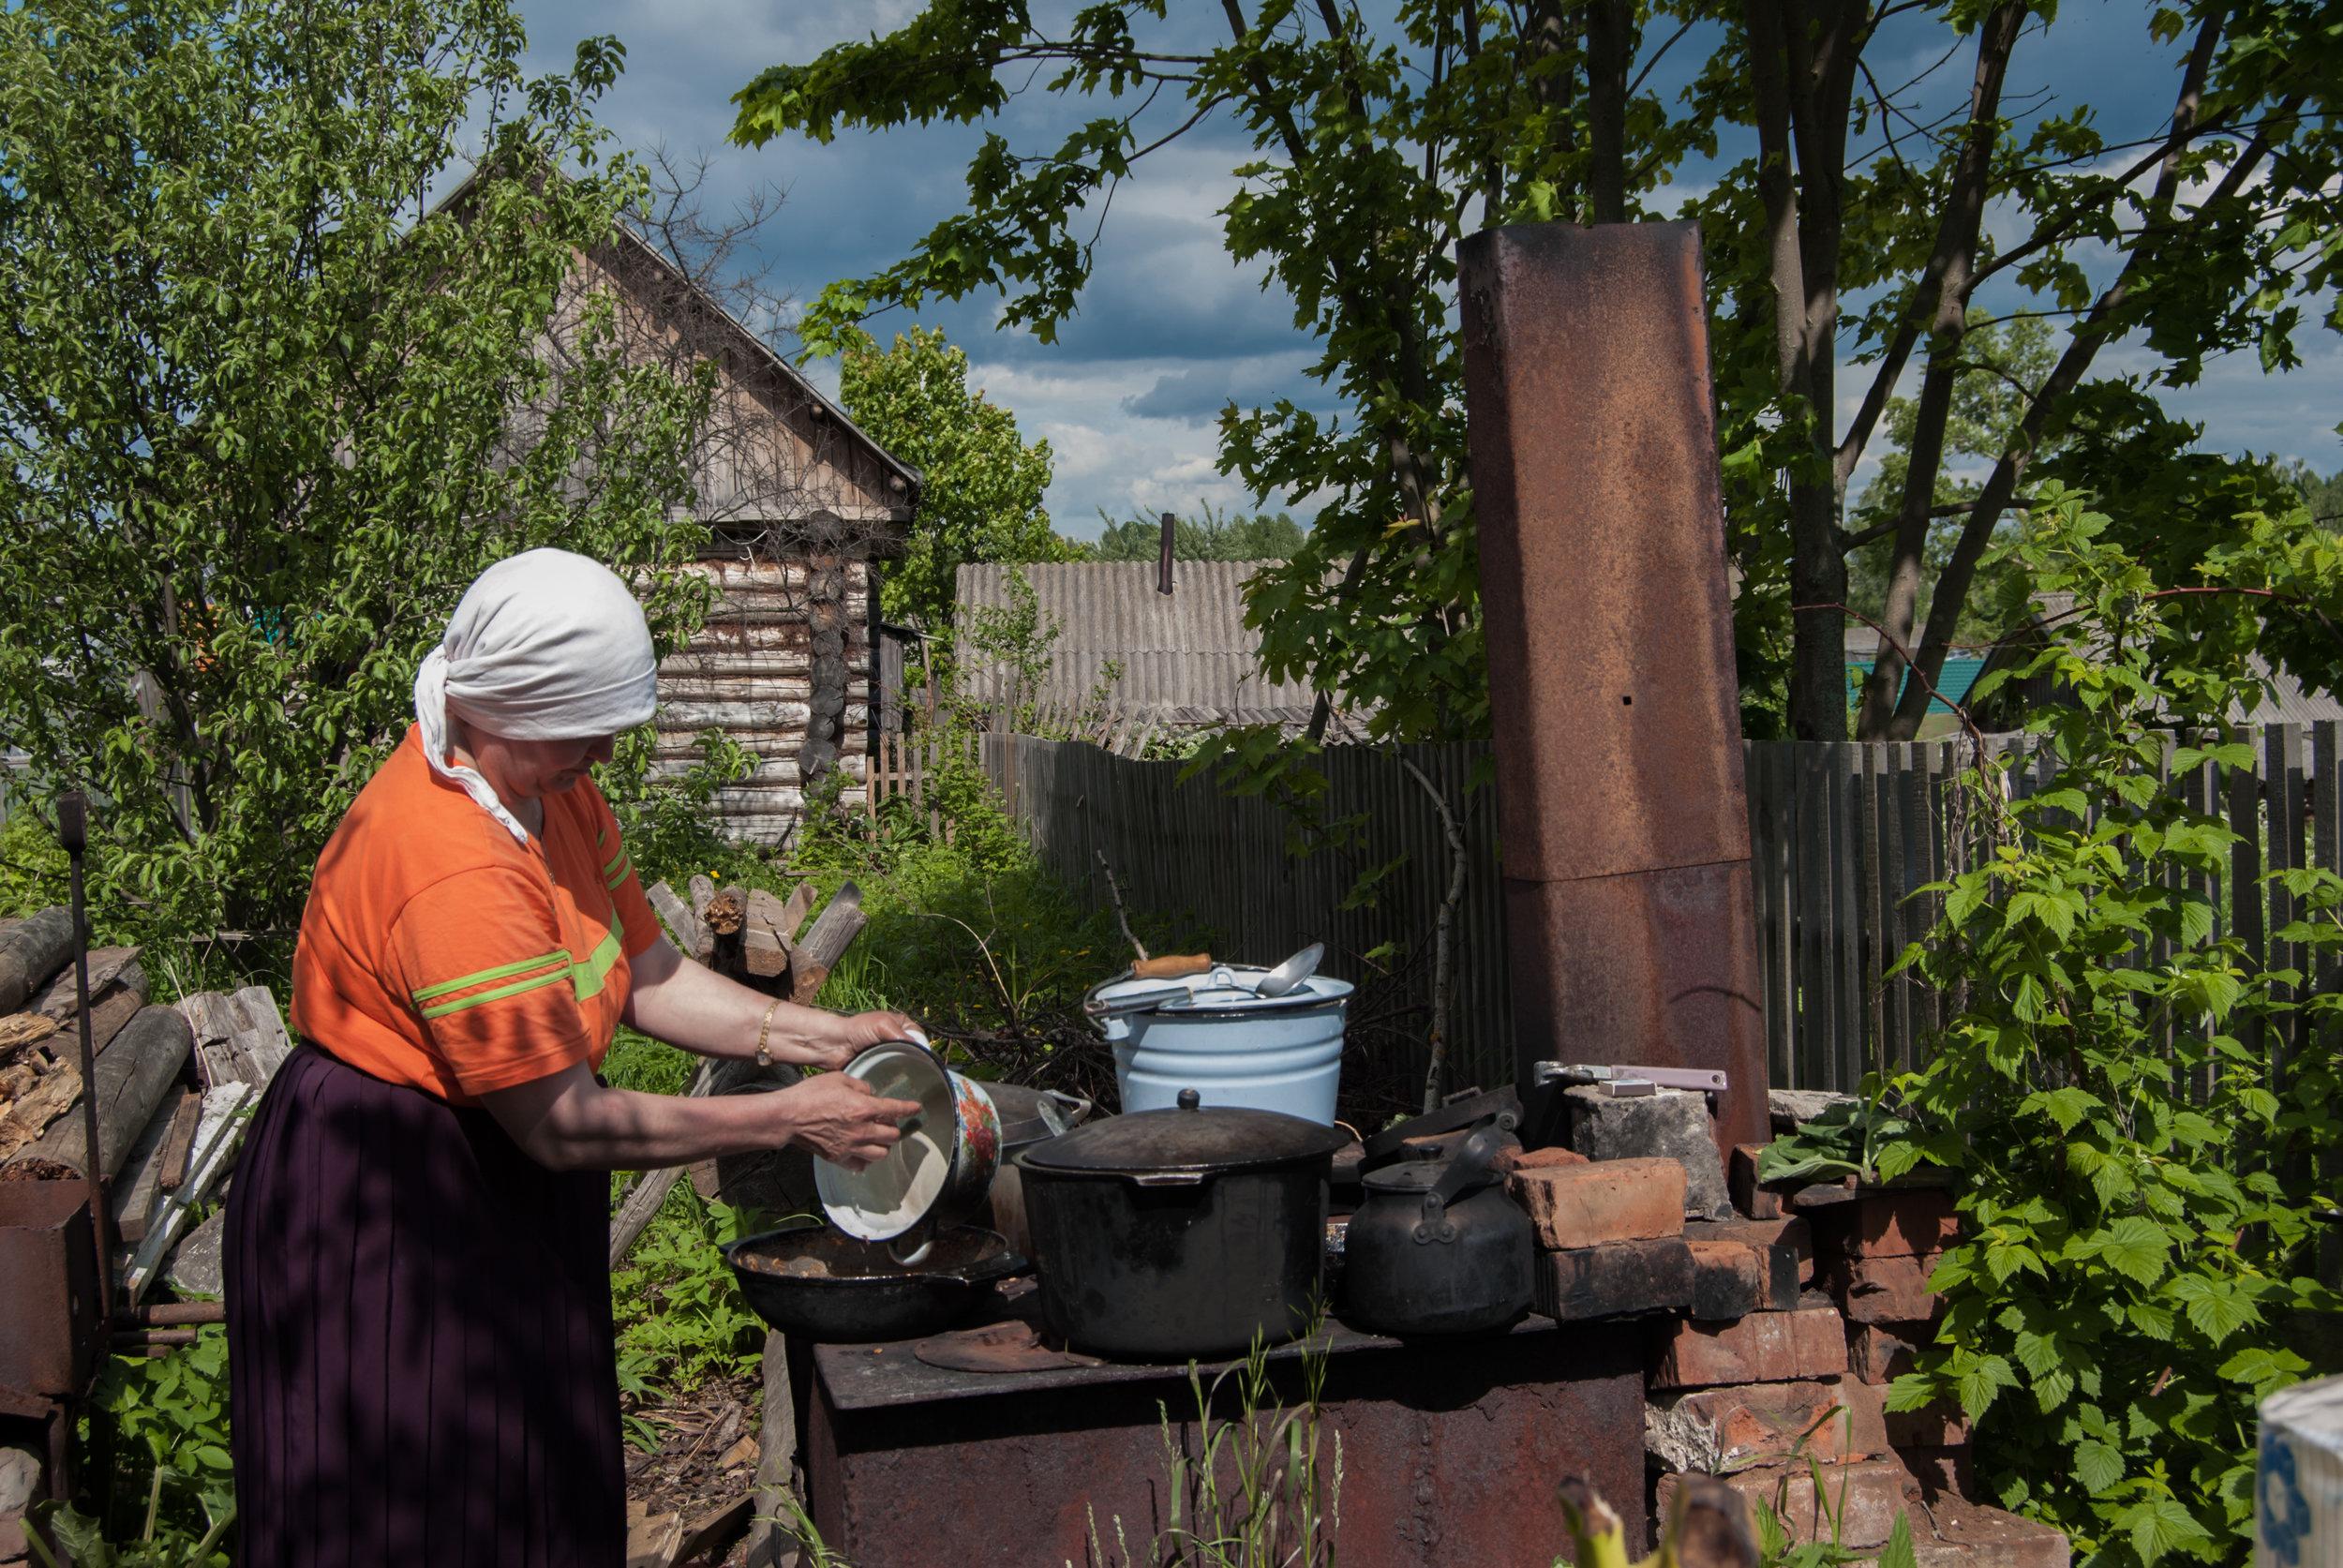 Cooking for pilgrims, Velikoretskoye, June 2009